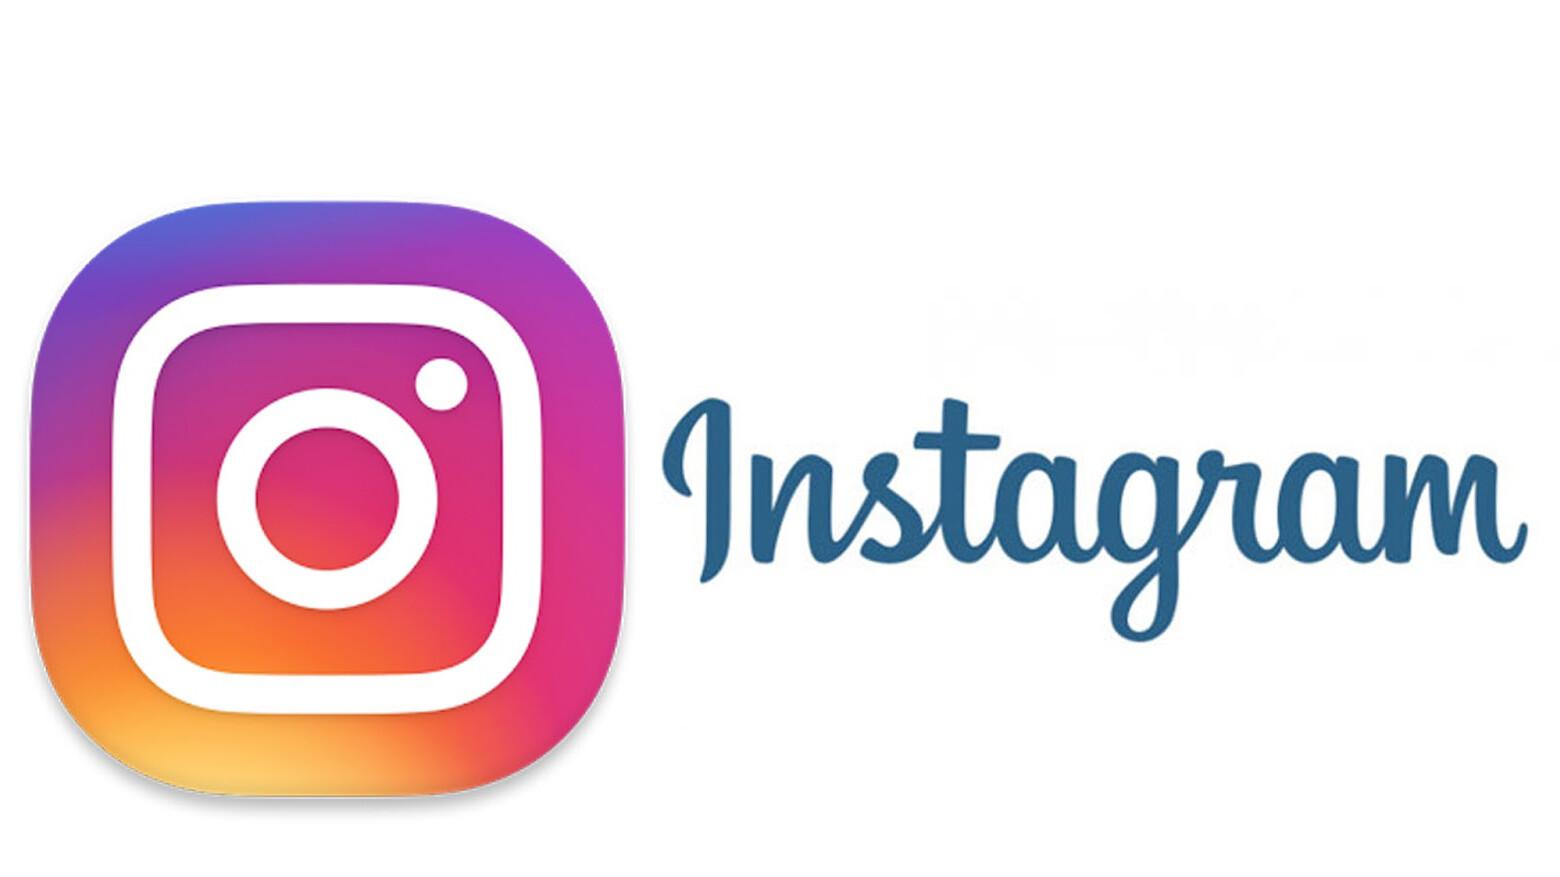 In Kürze werden weitere Anzeigen in Instagram Stories erscheinen, aber Sie können